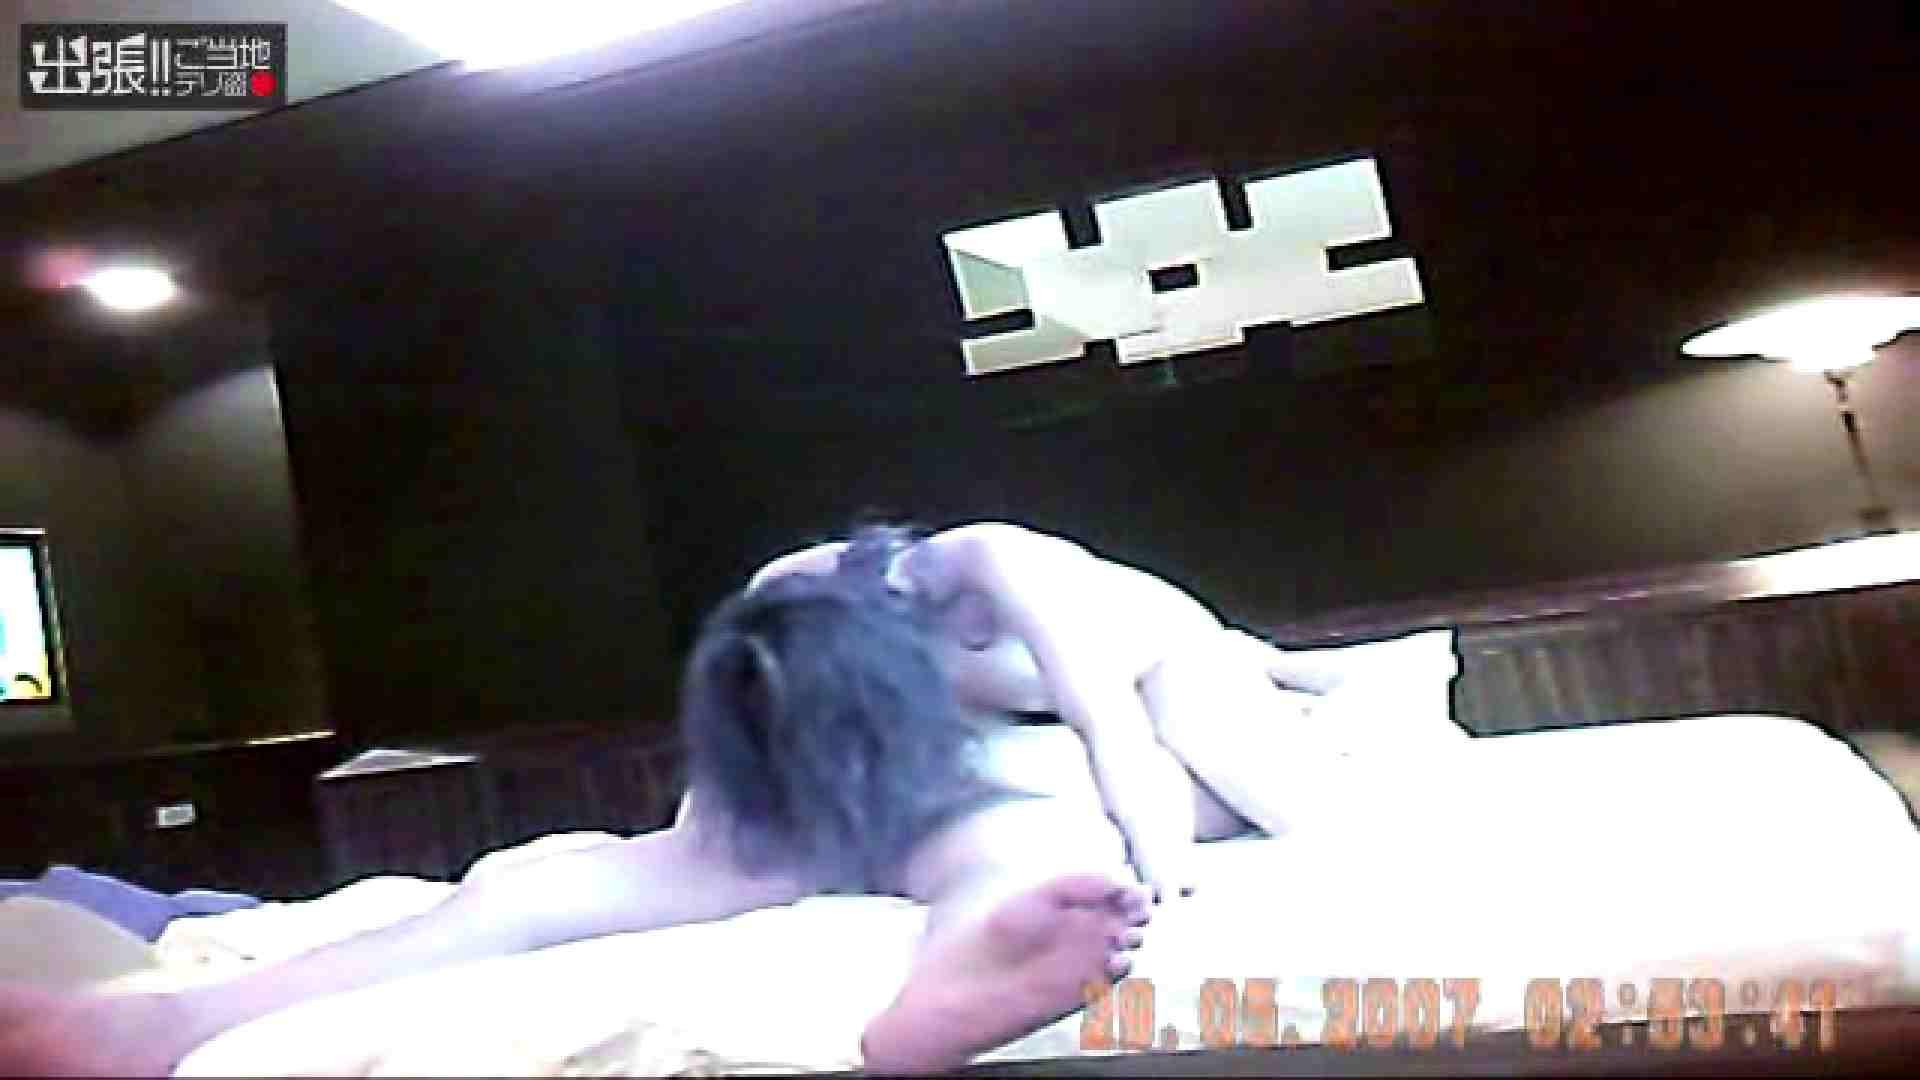 出張リーマンのデリ嬢隠し撮り第3弾vol.6 セックス おめこ無修正動画無料 65連発 53